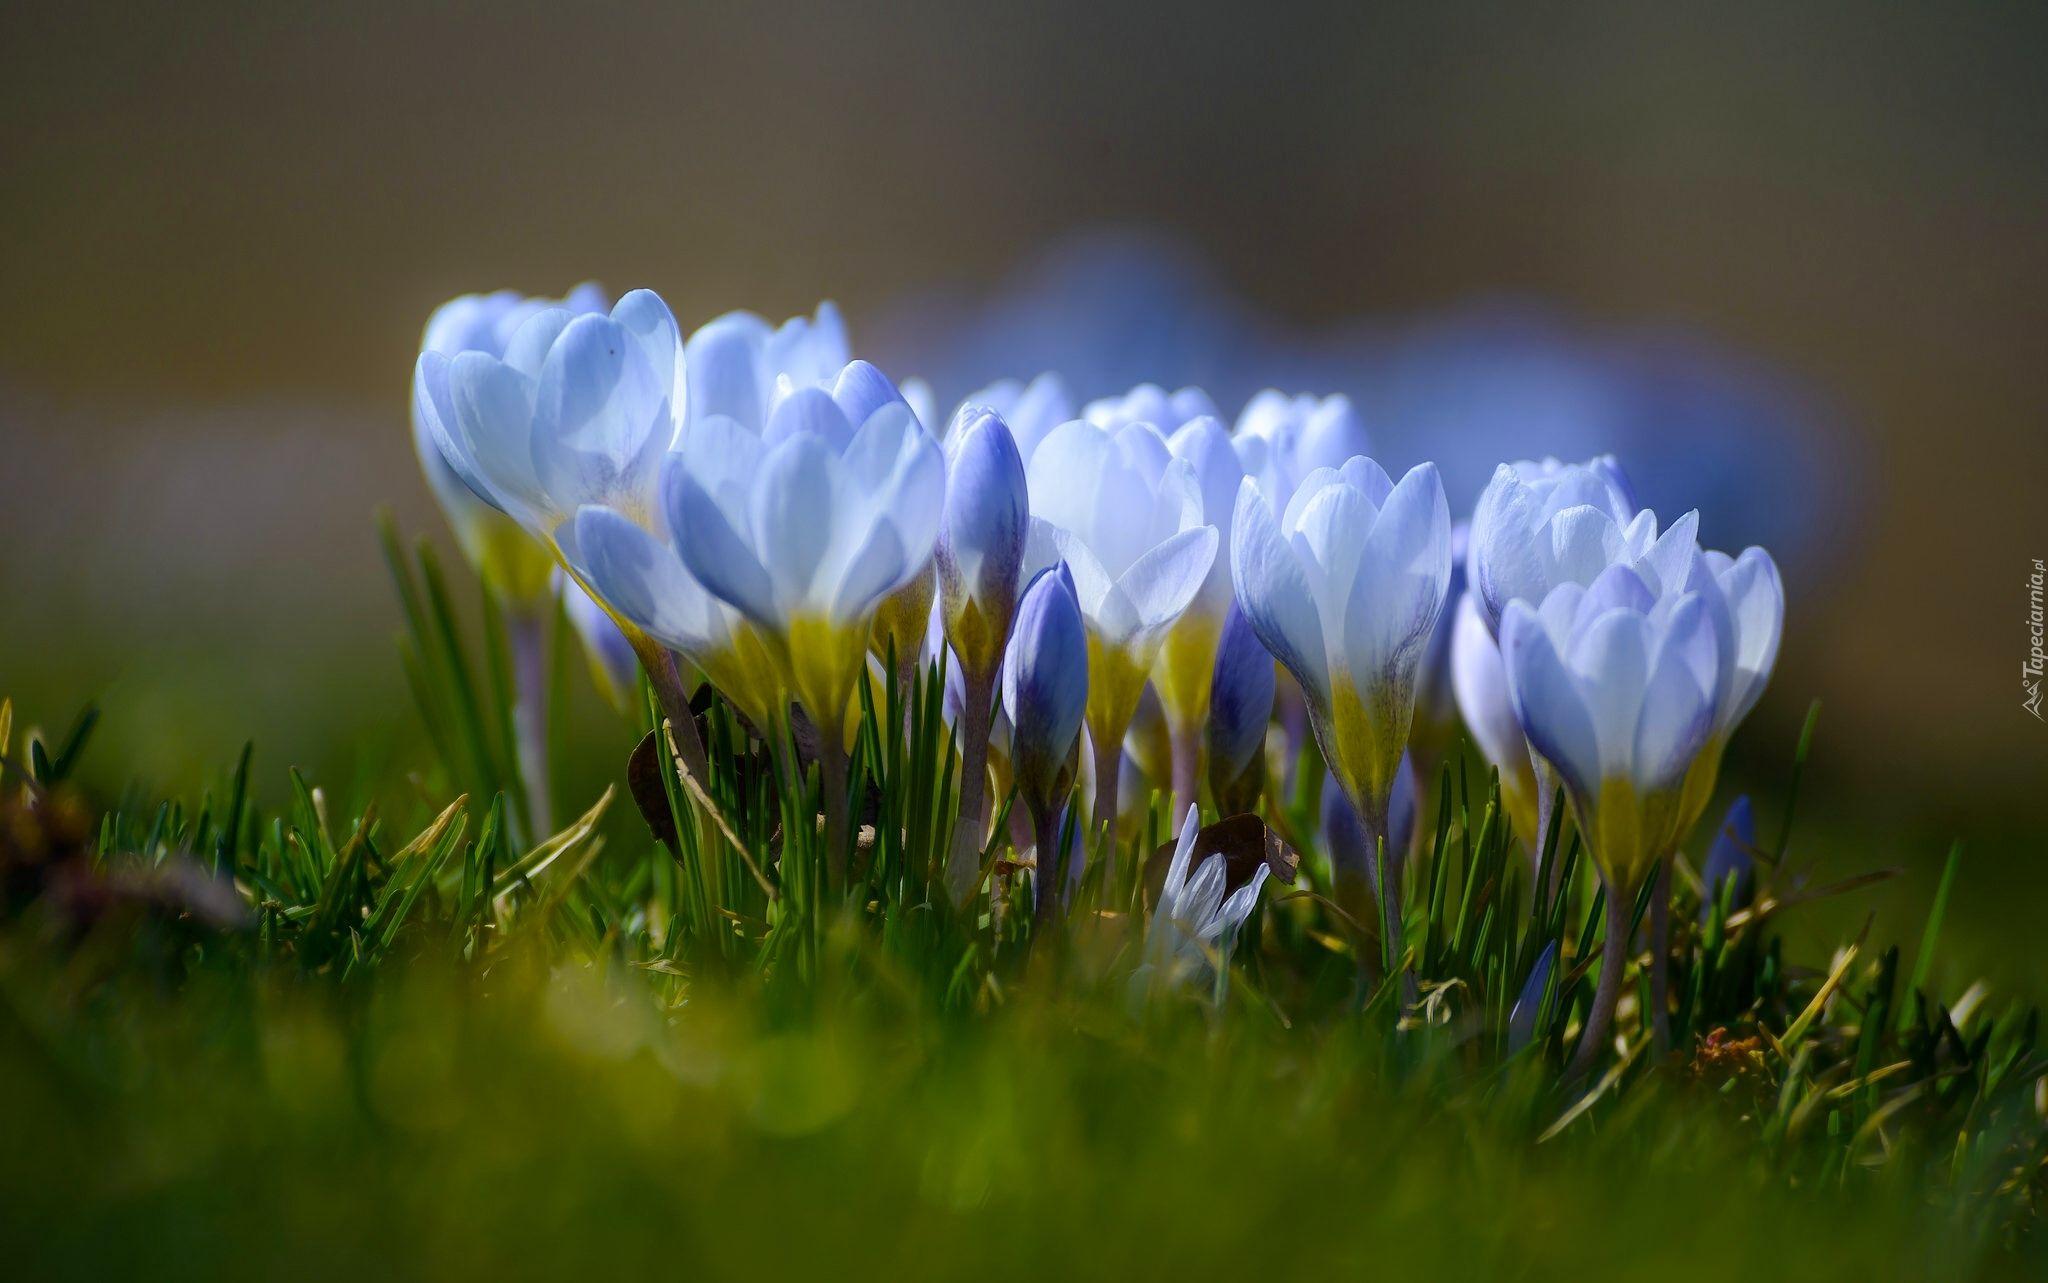 Wiosna Kwiaty Krokusy Flowers Crocus Grass Flower